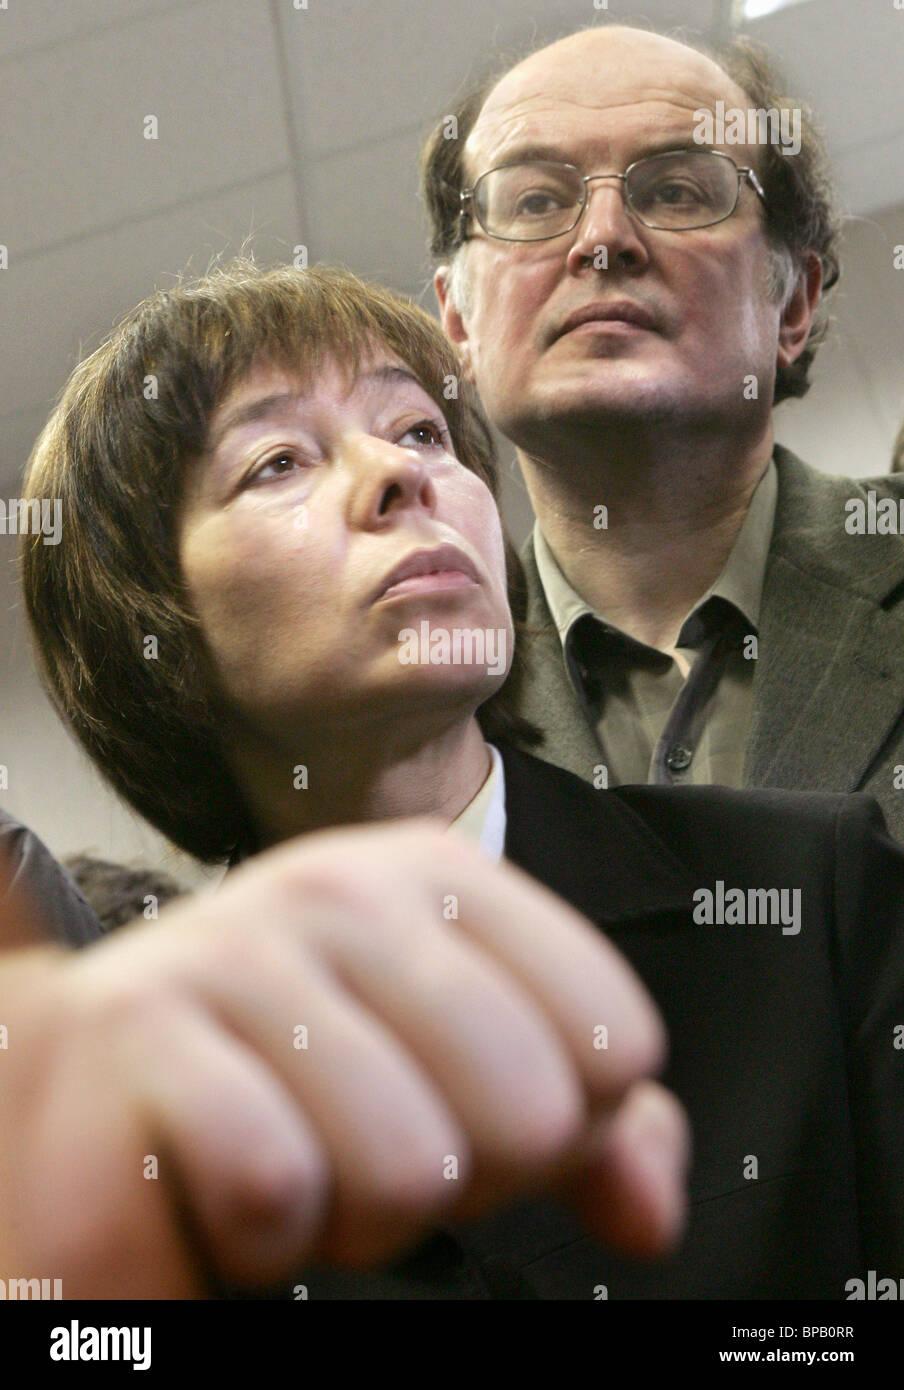 Court fines organisers of їBeware: Religion!о exhibition - Stock Image